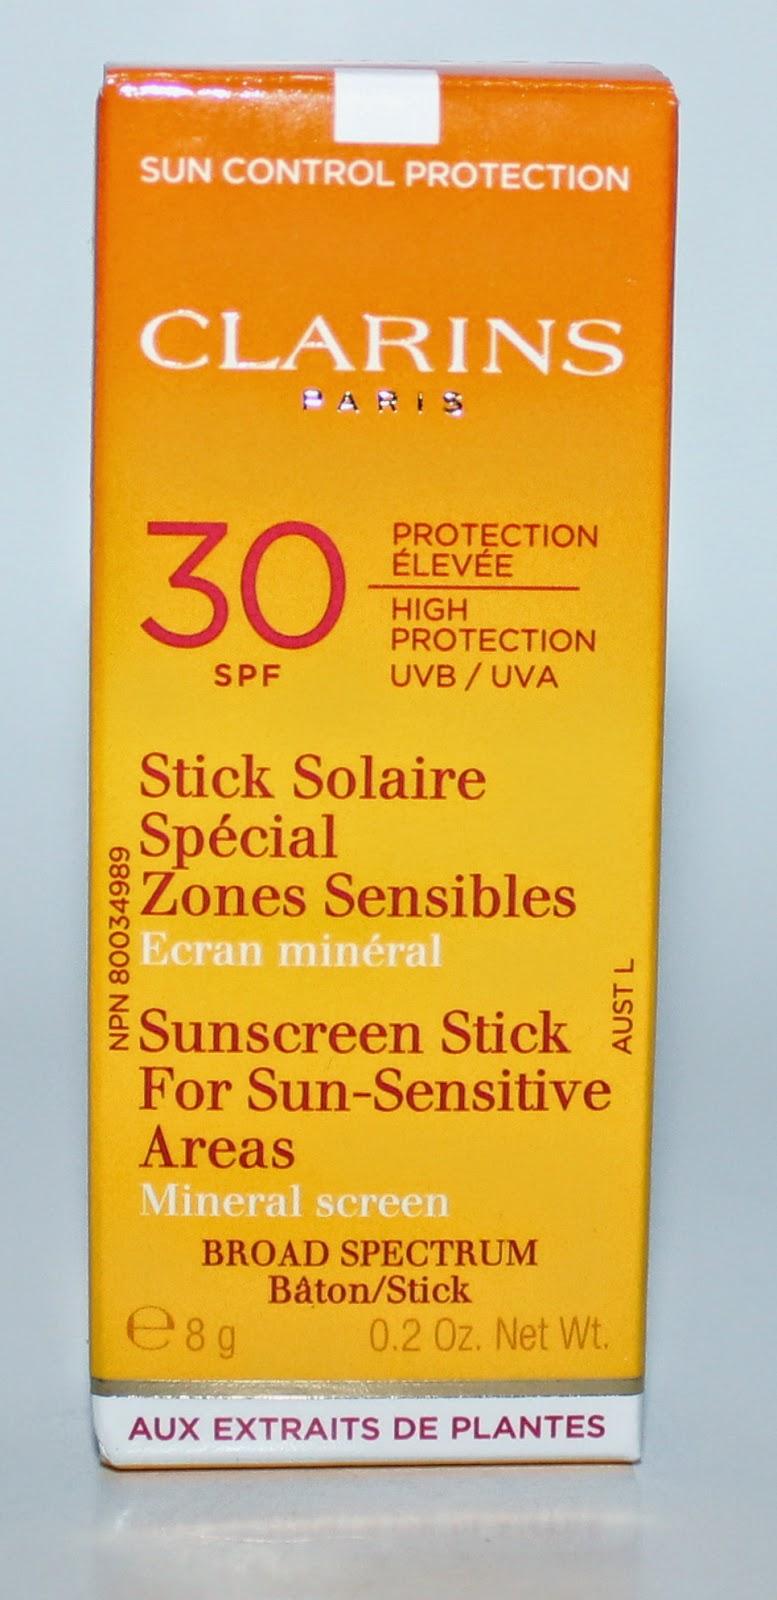 Clarins Sun Control Stick For Sun-Sensitive Areas UVA/UVB 30